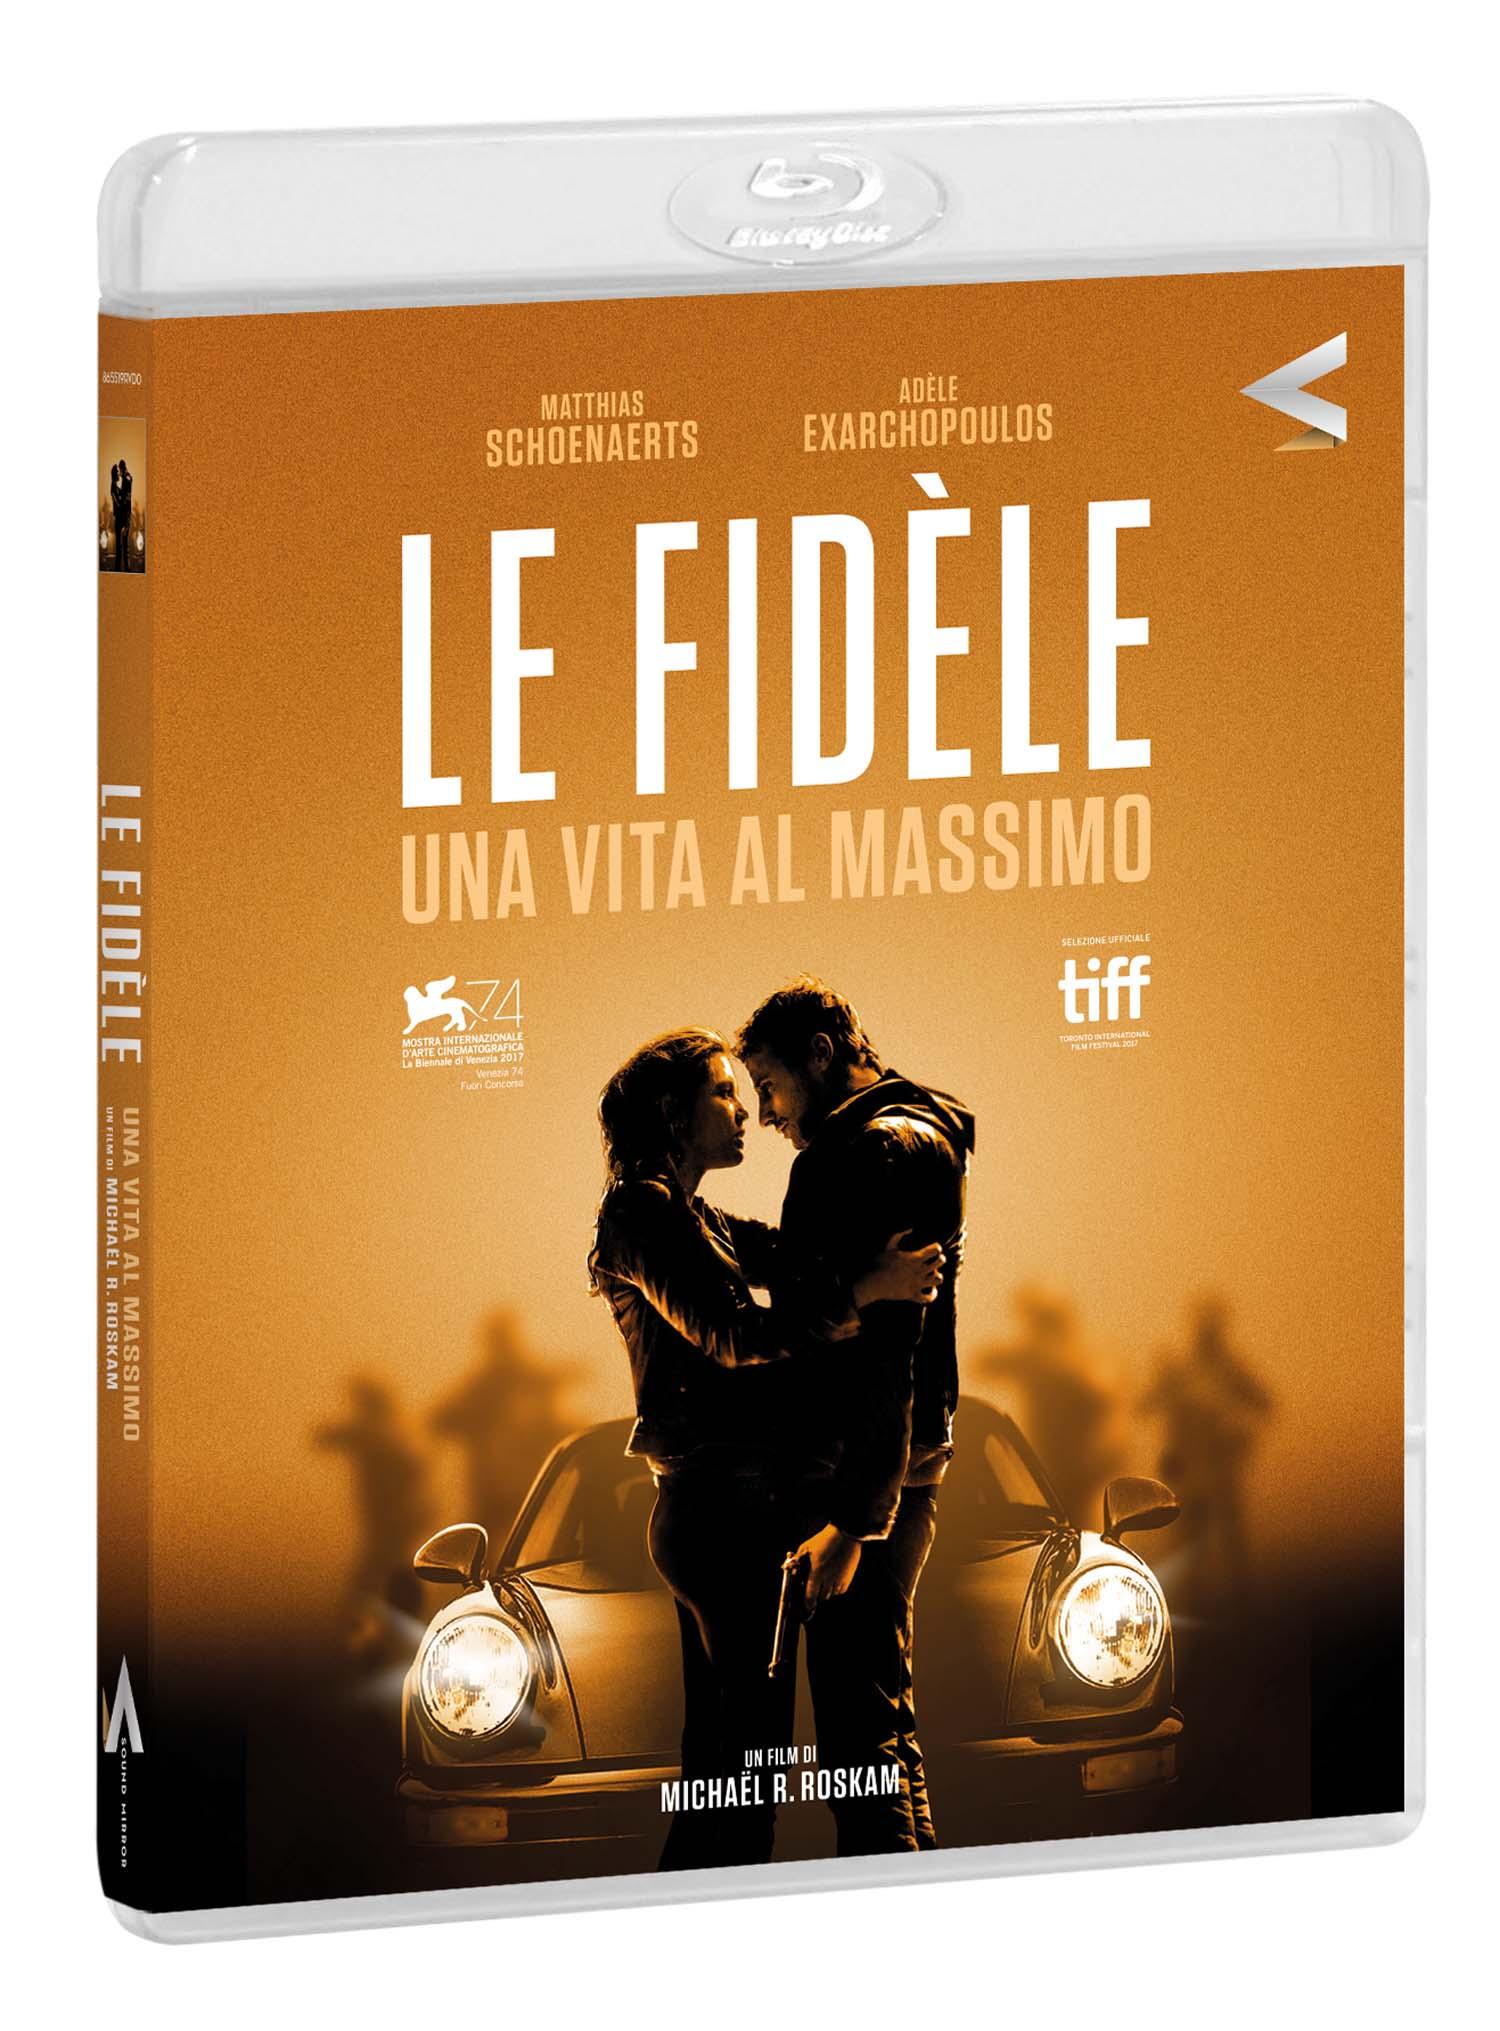 LE FIDELE - UNA VITA AL MASSIMO - BLU RAY